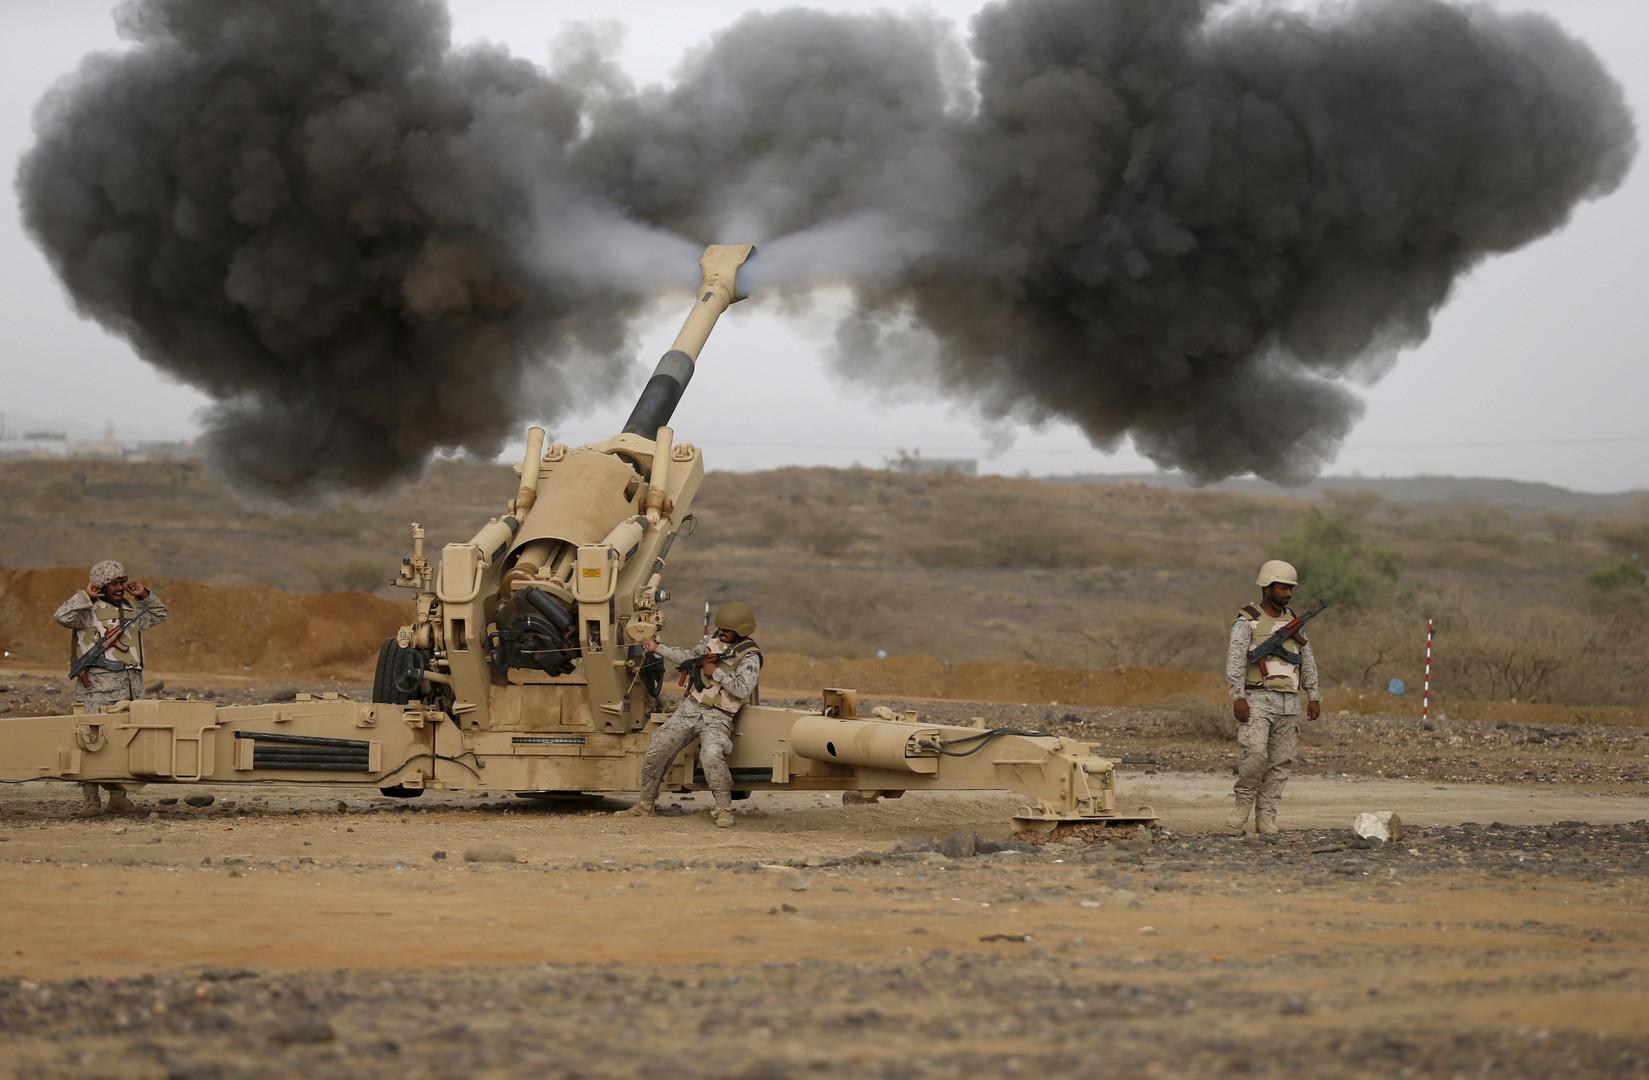 قصف للقوات السعودية على الحدود اليمنية - ارشيف